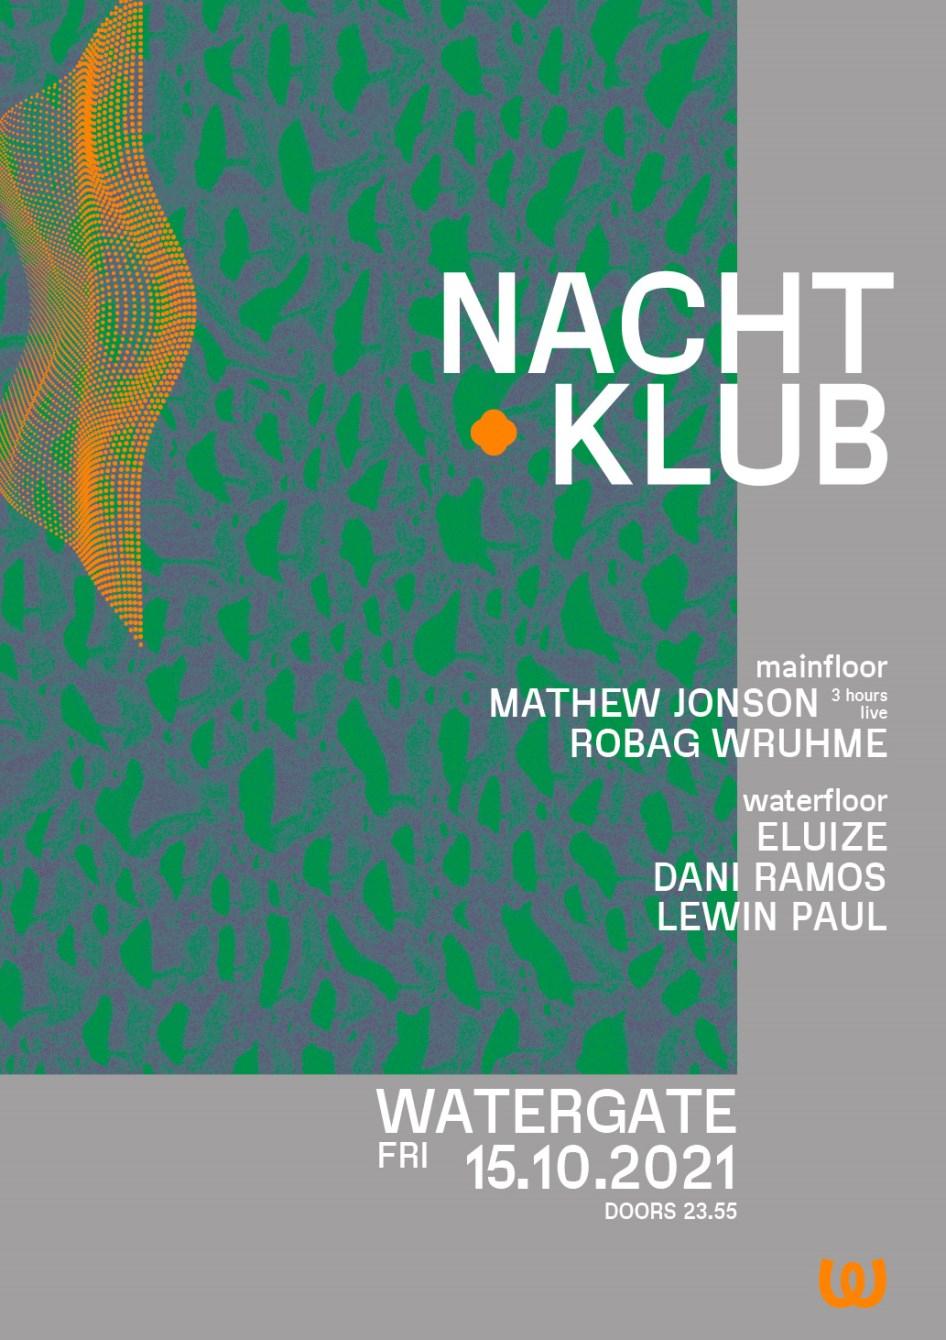 Nachtklub: Mathew Jonson, Robag Wruhme, Eluize, Dani Ramos, Lewin Paul - Flyer front